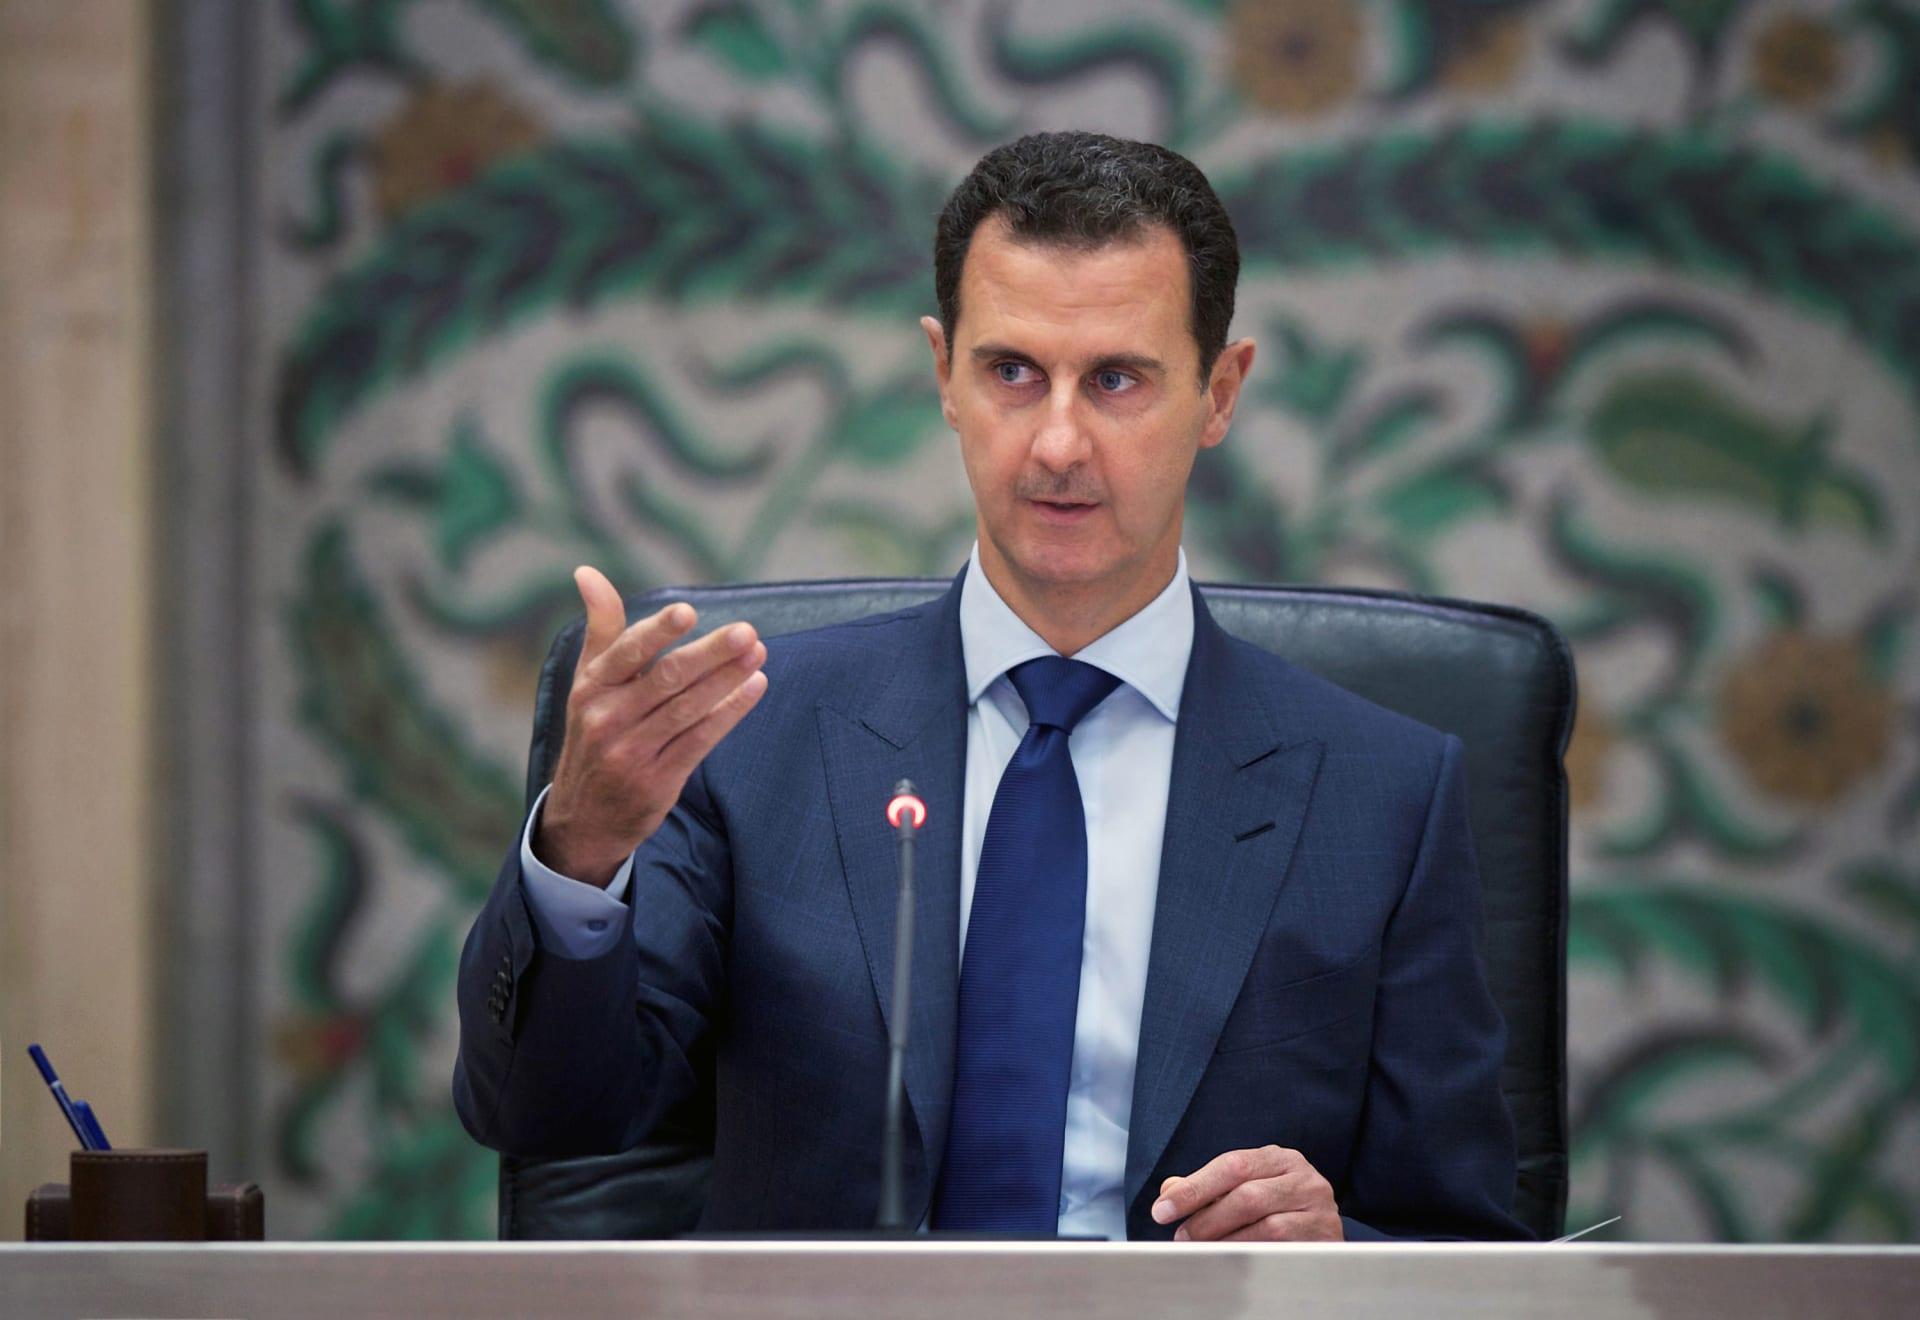 الأسد: إيران تقاتل في سوريا والسعودية لا تملك استقلالية القرار